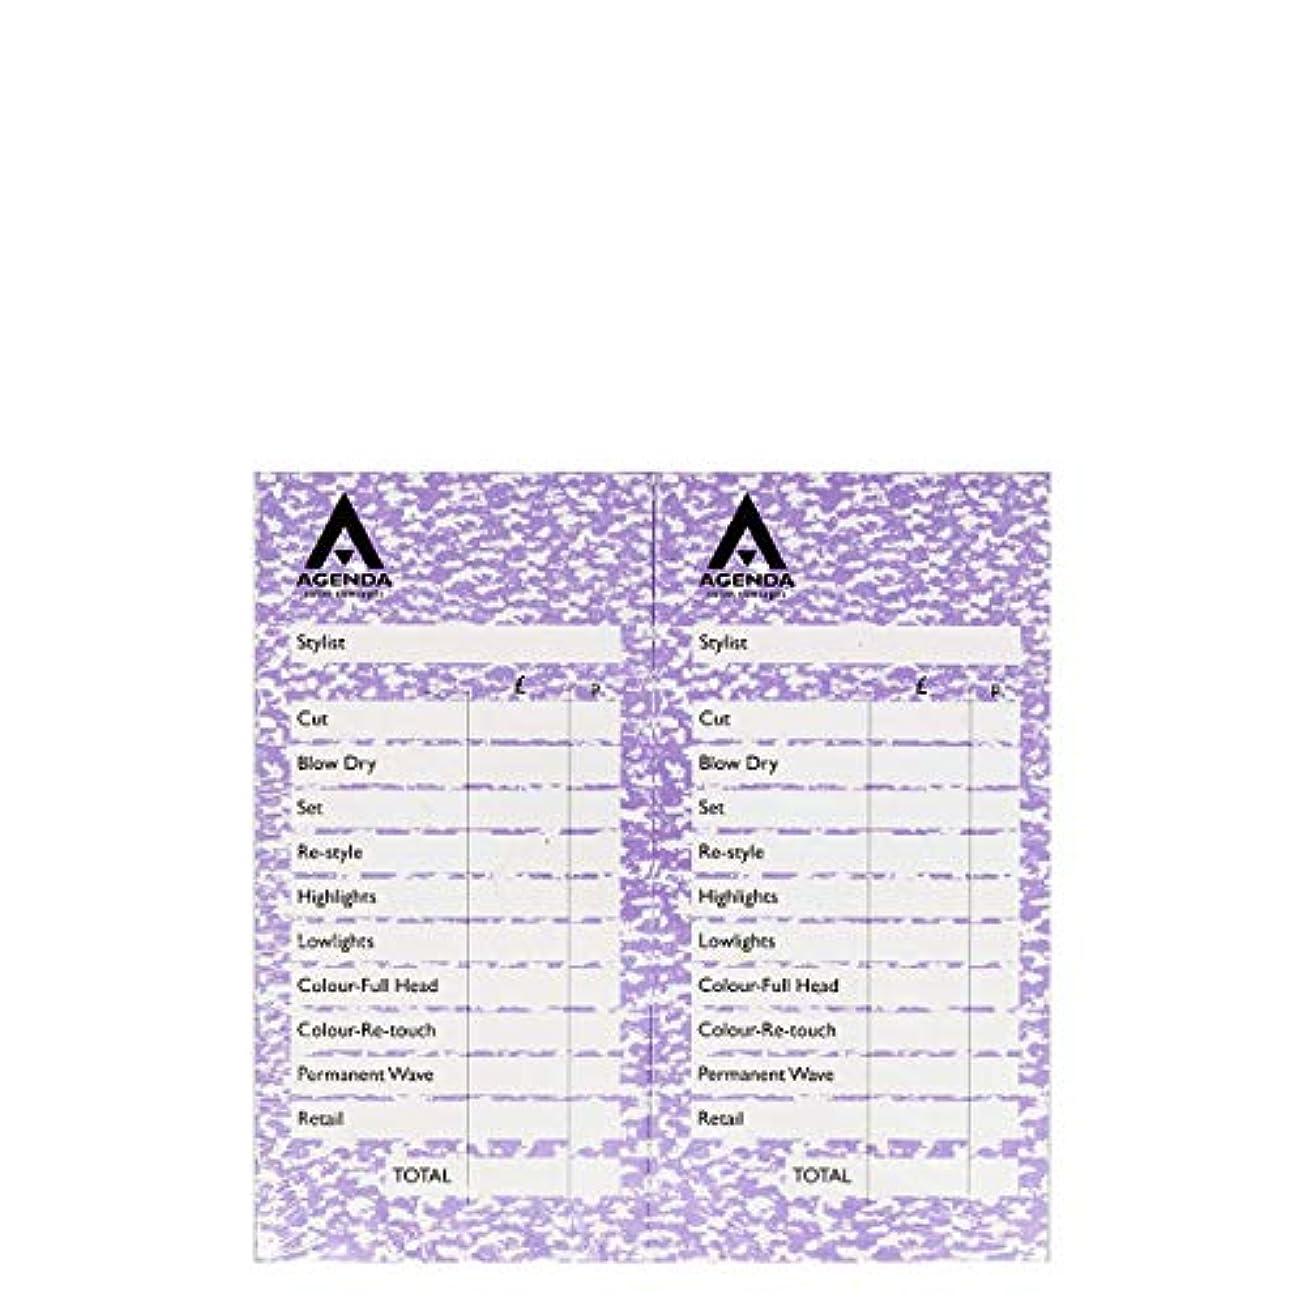 重要なデコレーションノイズアジェンダ サロンコンセプト チェックパッドモーブ12x100リーフ[海外直送品] [並行輸入品]